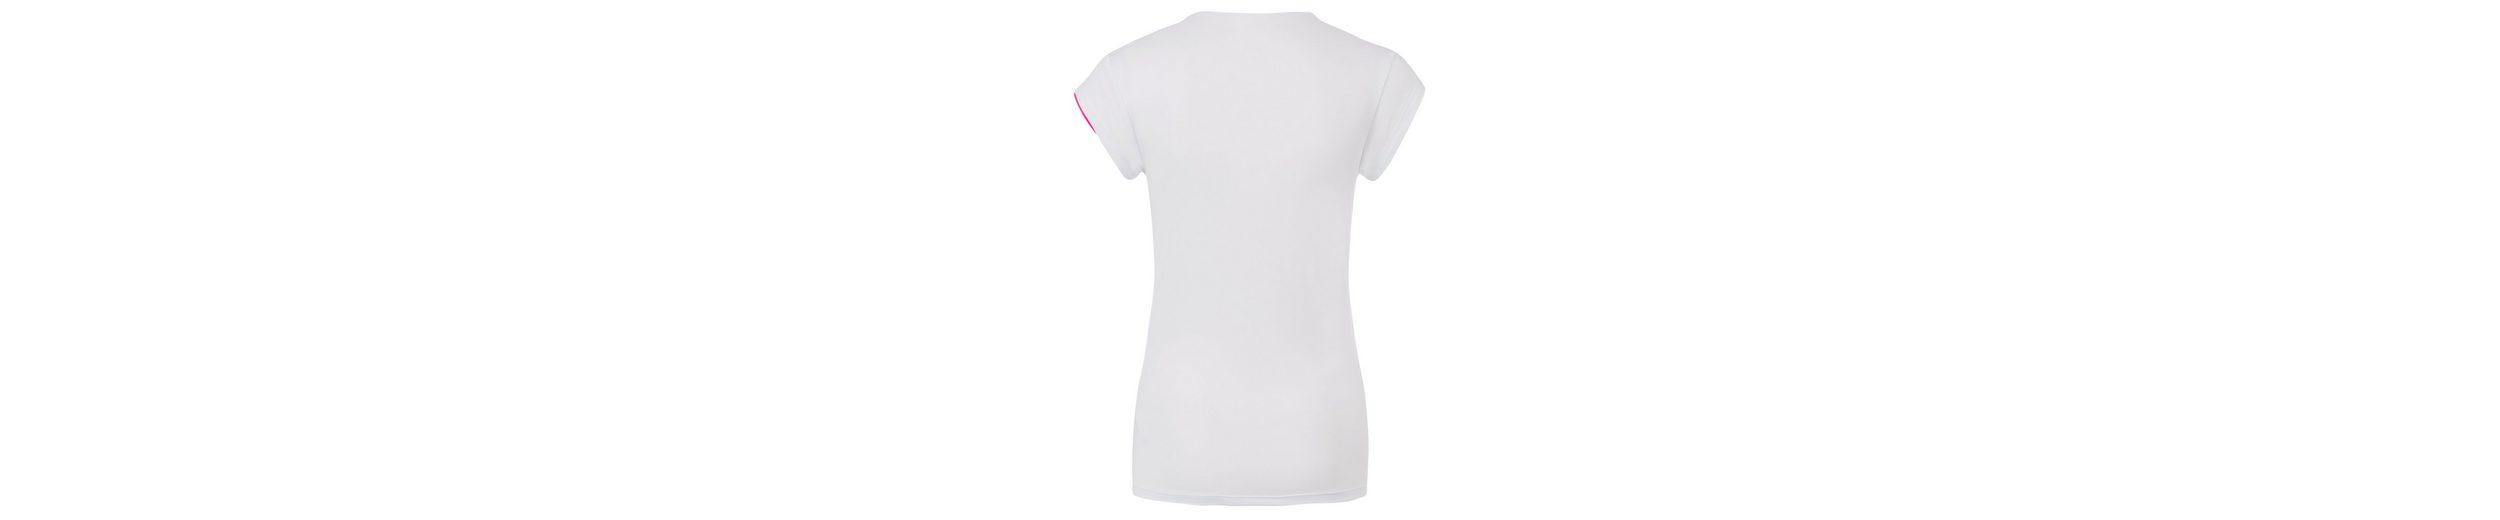 BIDI BADU T-Shirt mit tailliertem Schnitt Bella Rabatt Gutes Verkauf 100% Authentisch AF3suwy